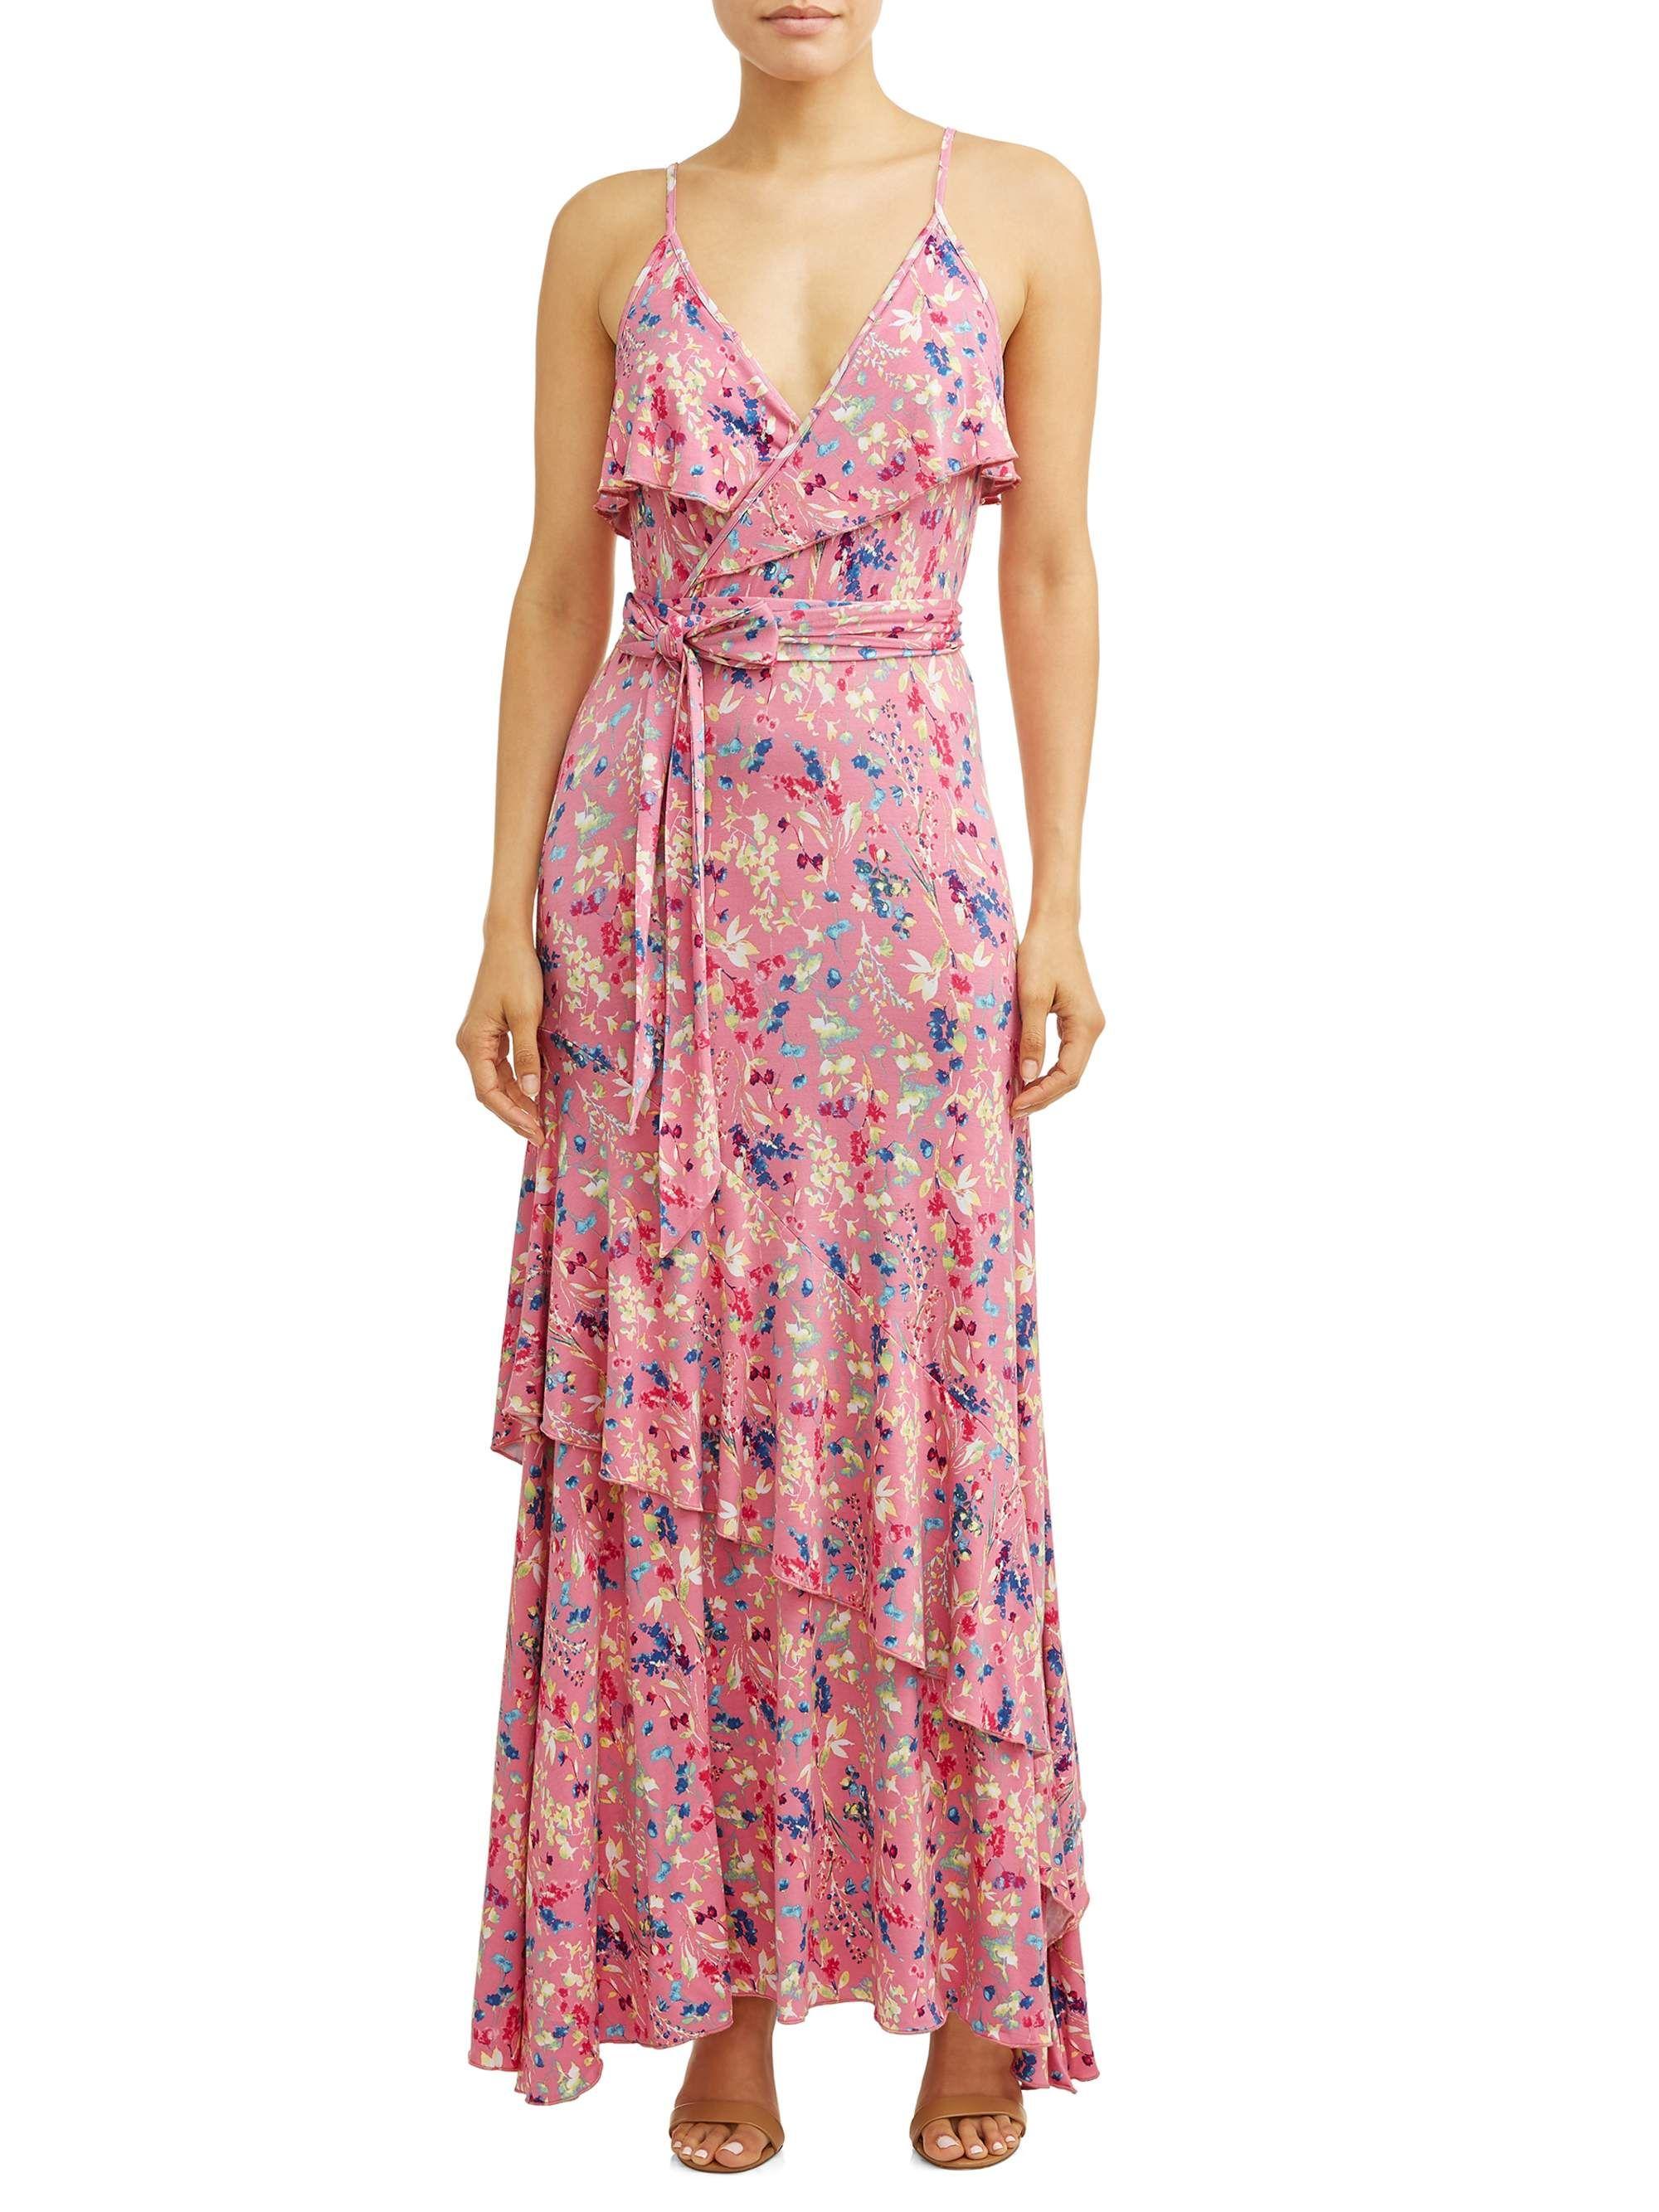 Faux Wrap Front Maxi Dress Women S Floral Print Ad Front Spon Maxi Faux Womens Maxi Dresses Maxi Knit Dress Pink Floral Maxi Dress [ 2667 x 2000 Pixel ]